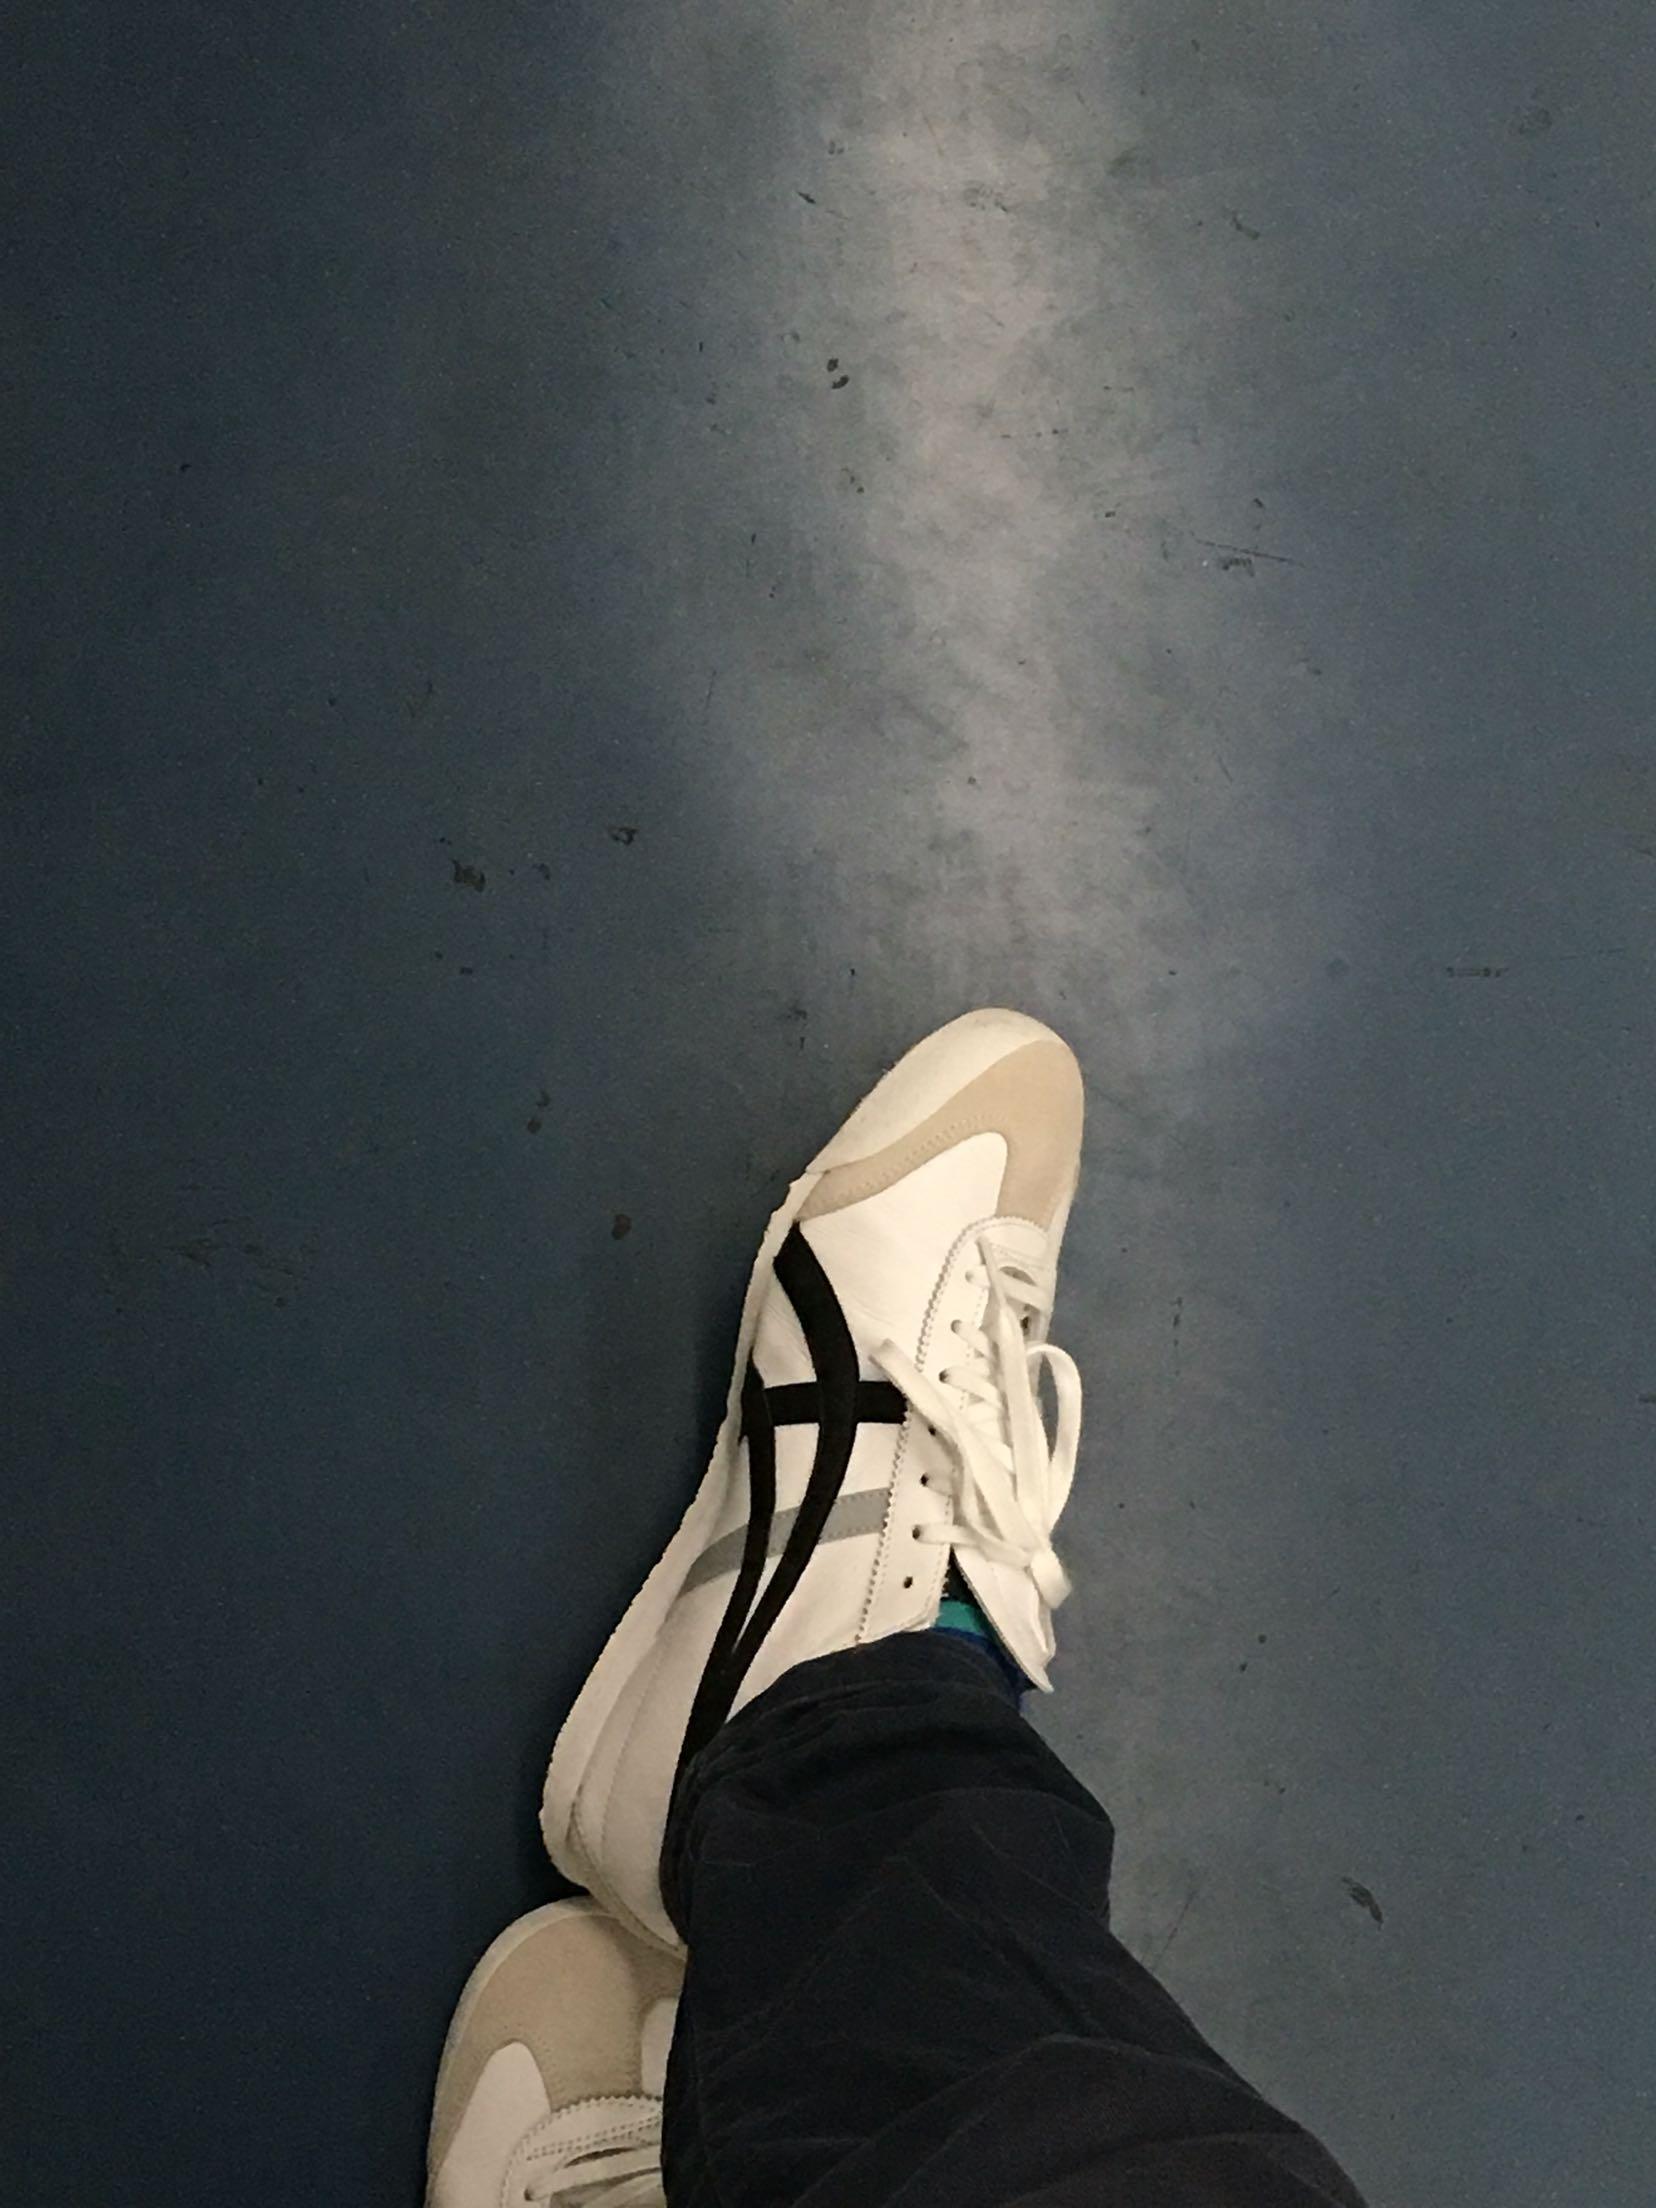 Seulement sévèrement d\'éloges, car juste après avoir acheté n\'a pas de marchandises dans le cadre, à l\'heure actuelle porte très bien! hot shoes by george flat track airmax97 0942391 store